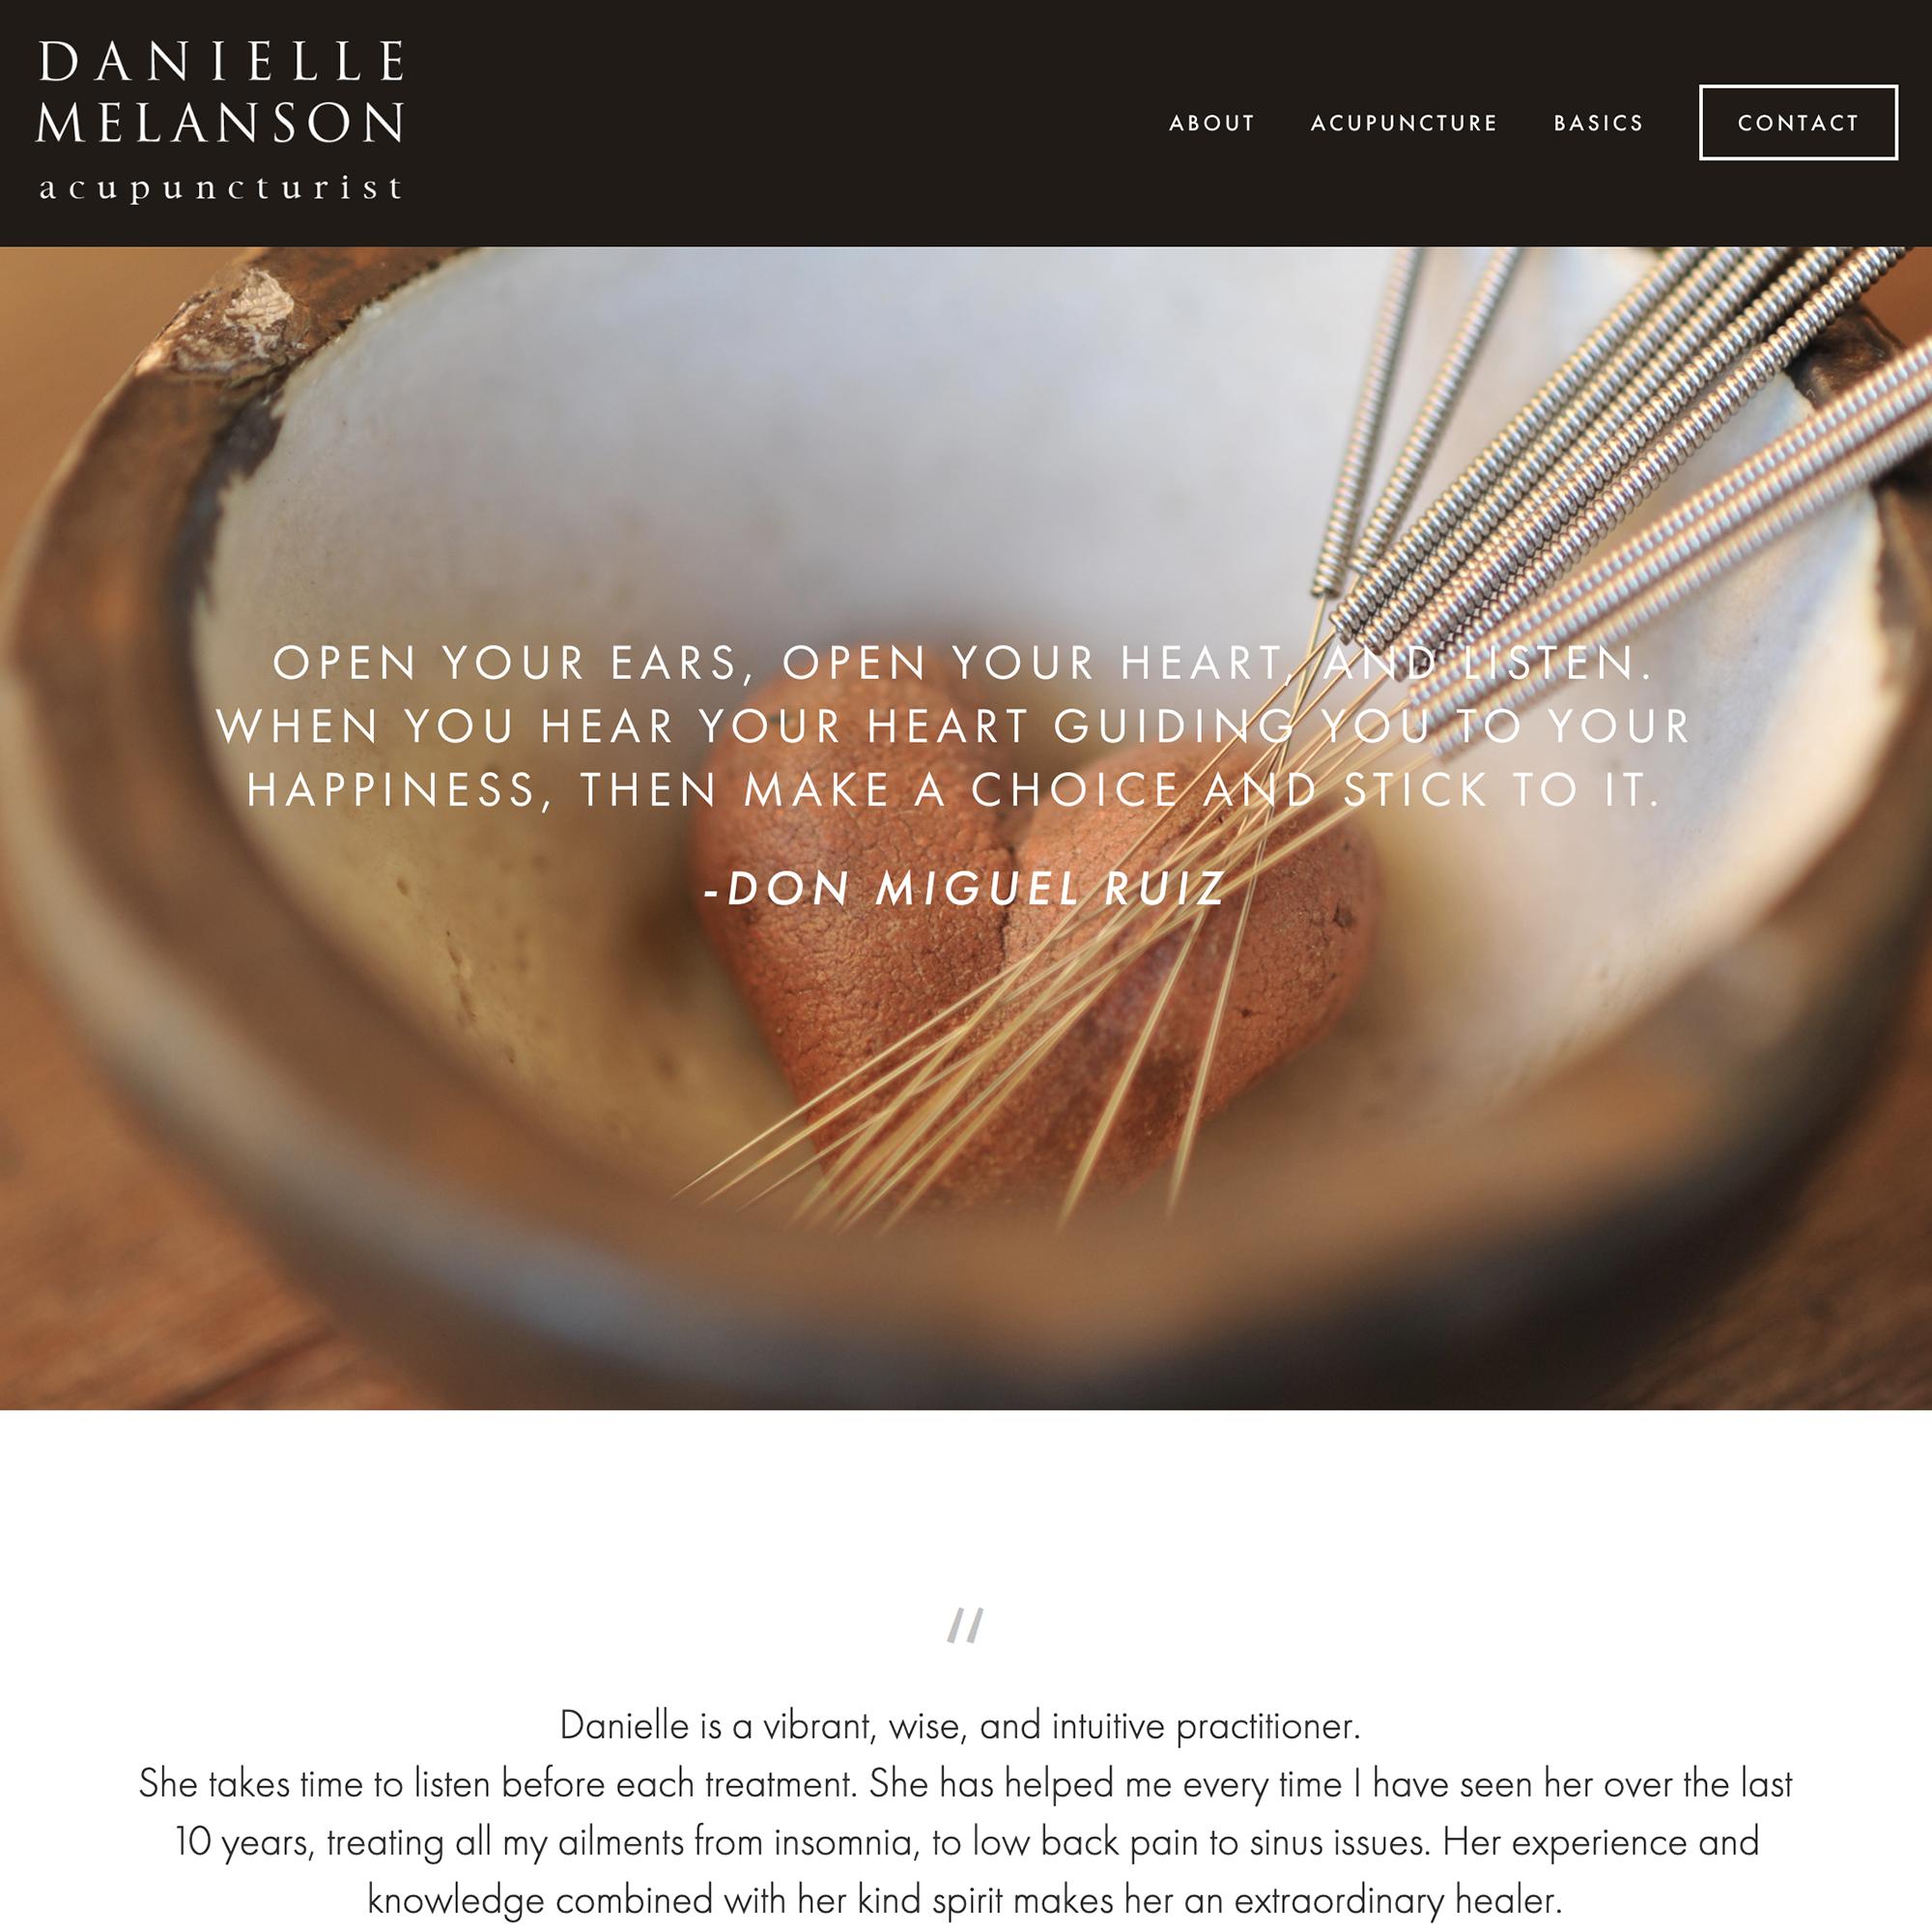 Danielle-Melanson-Acupuncture.png